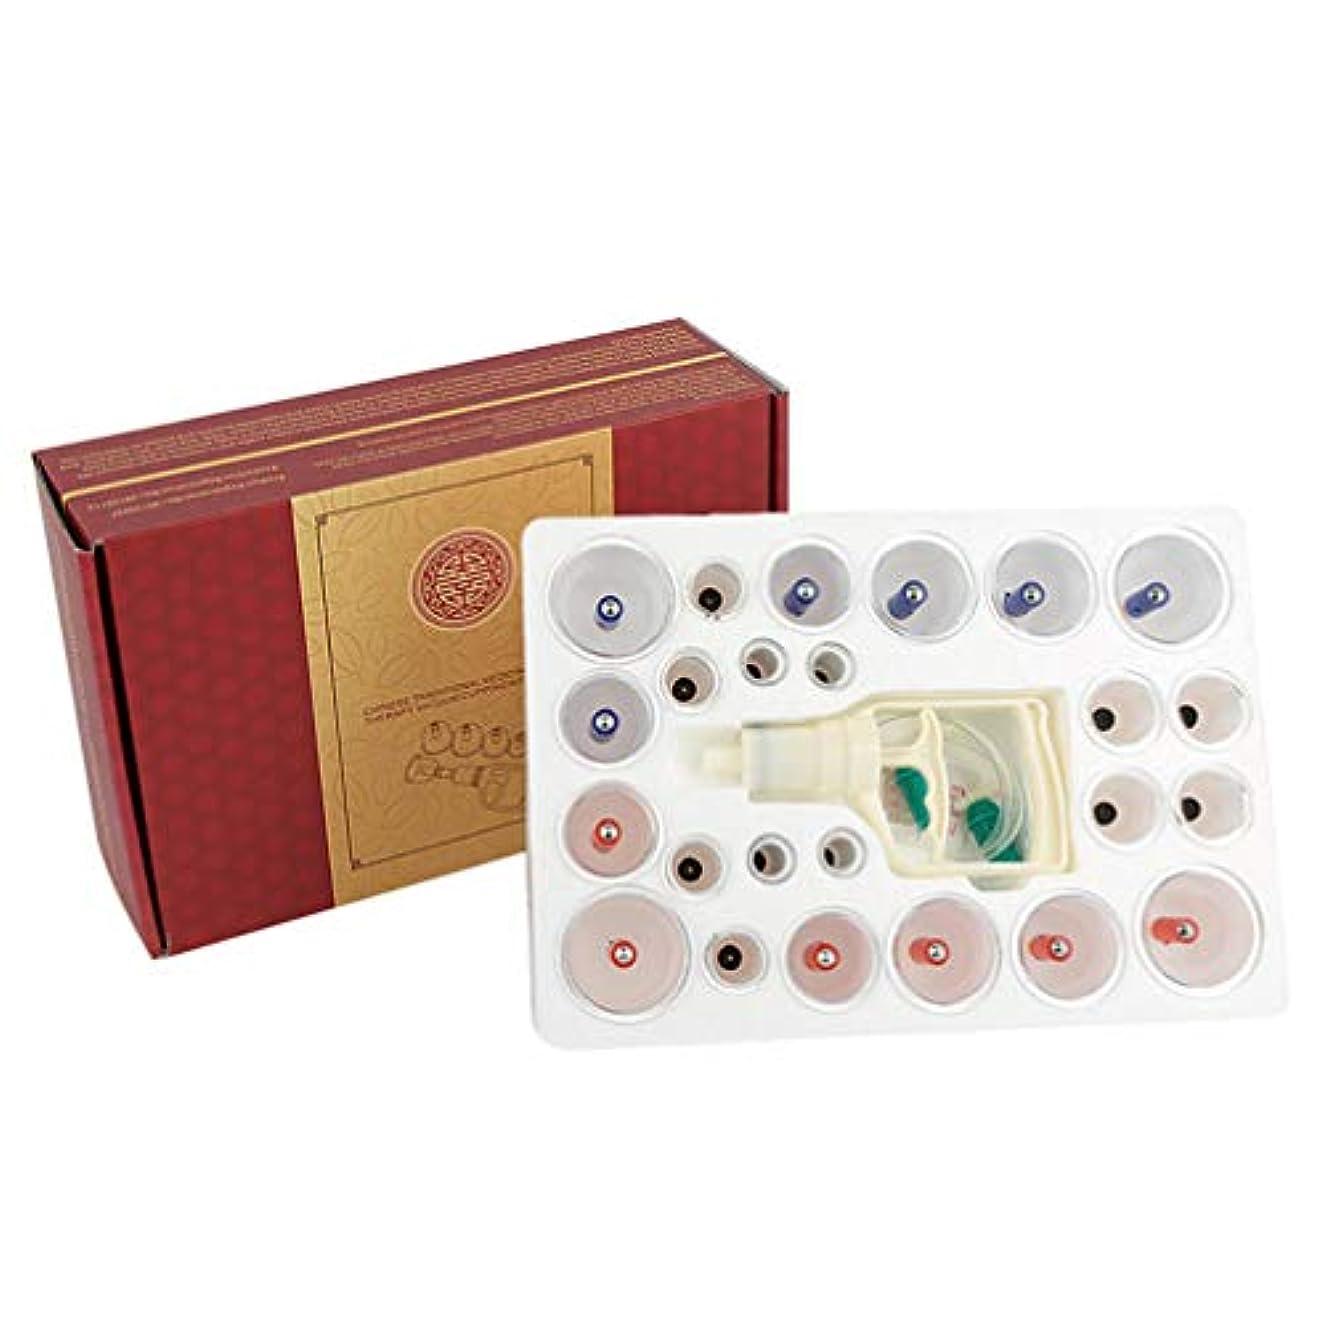 振り向く言い訳設計図カッピングセラピーセット、背中/首の痛み、減量、筋肉の軽減のための24の真空のカッピングカップの生物磁気の伝統的な中国療法